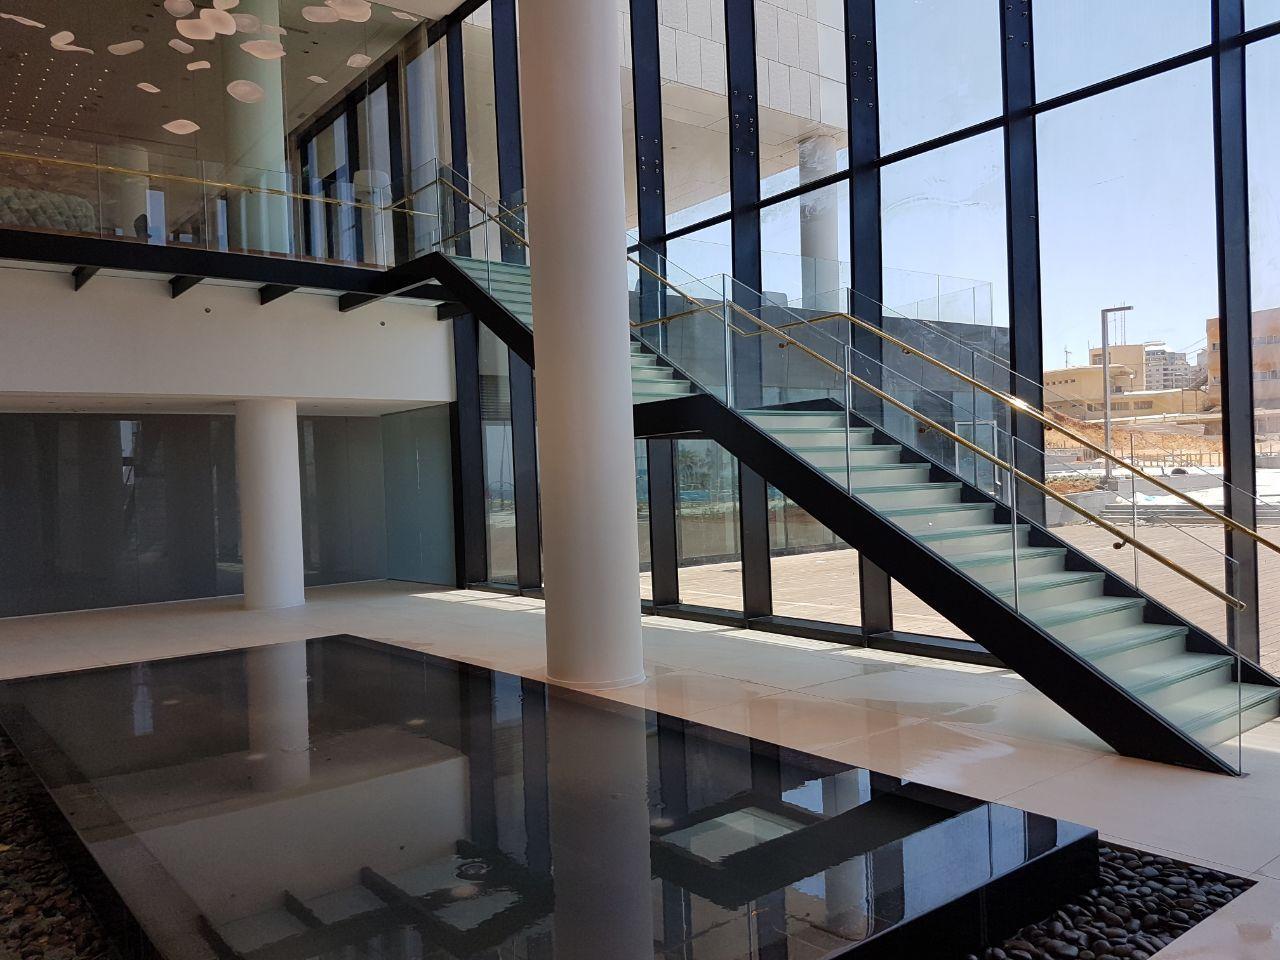 גרם מדרגות וגשר, מלון לגון, נתניה תמונה מספר 4